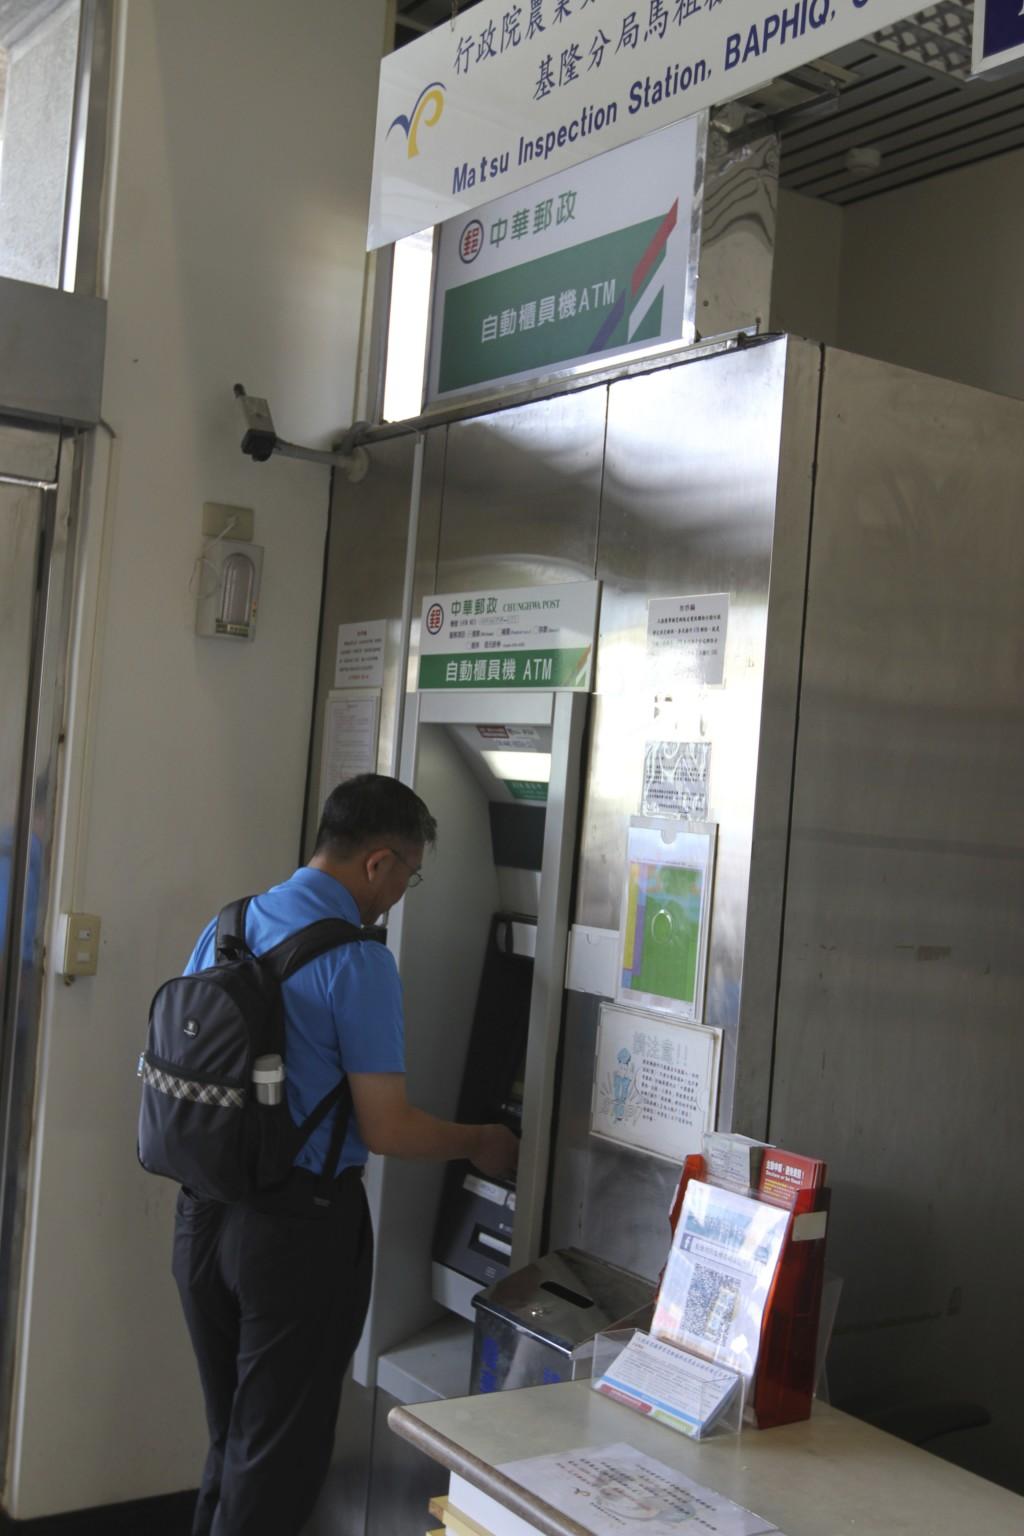 「中華郵政」のATMマシーン